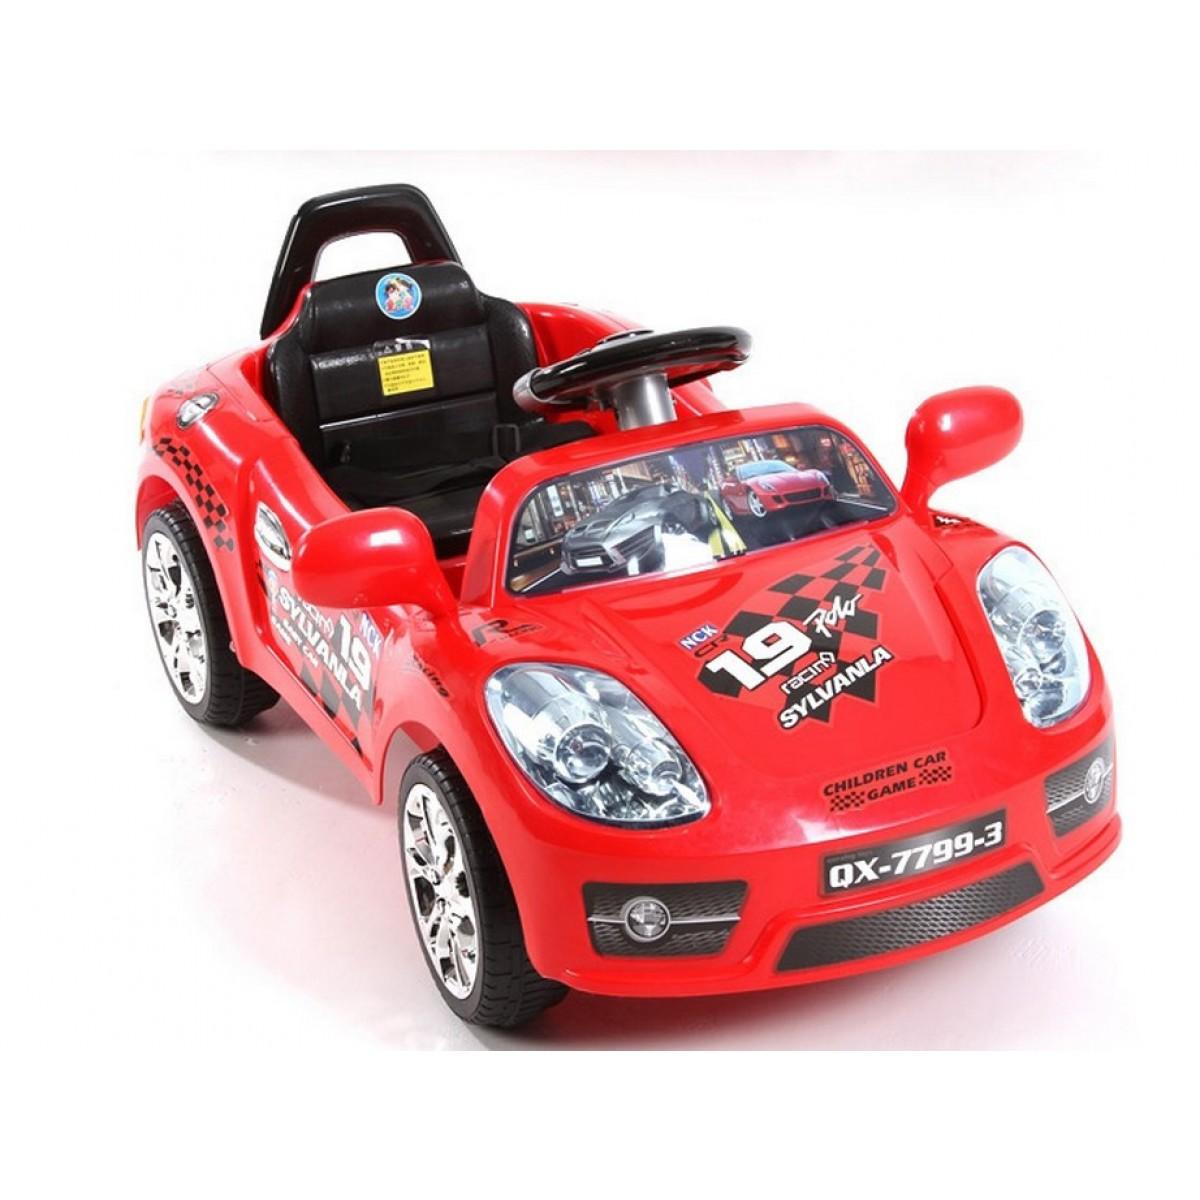 Đồ chơi mô hình xe ô tô